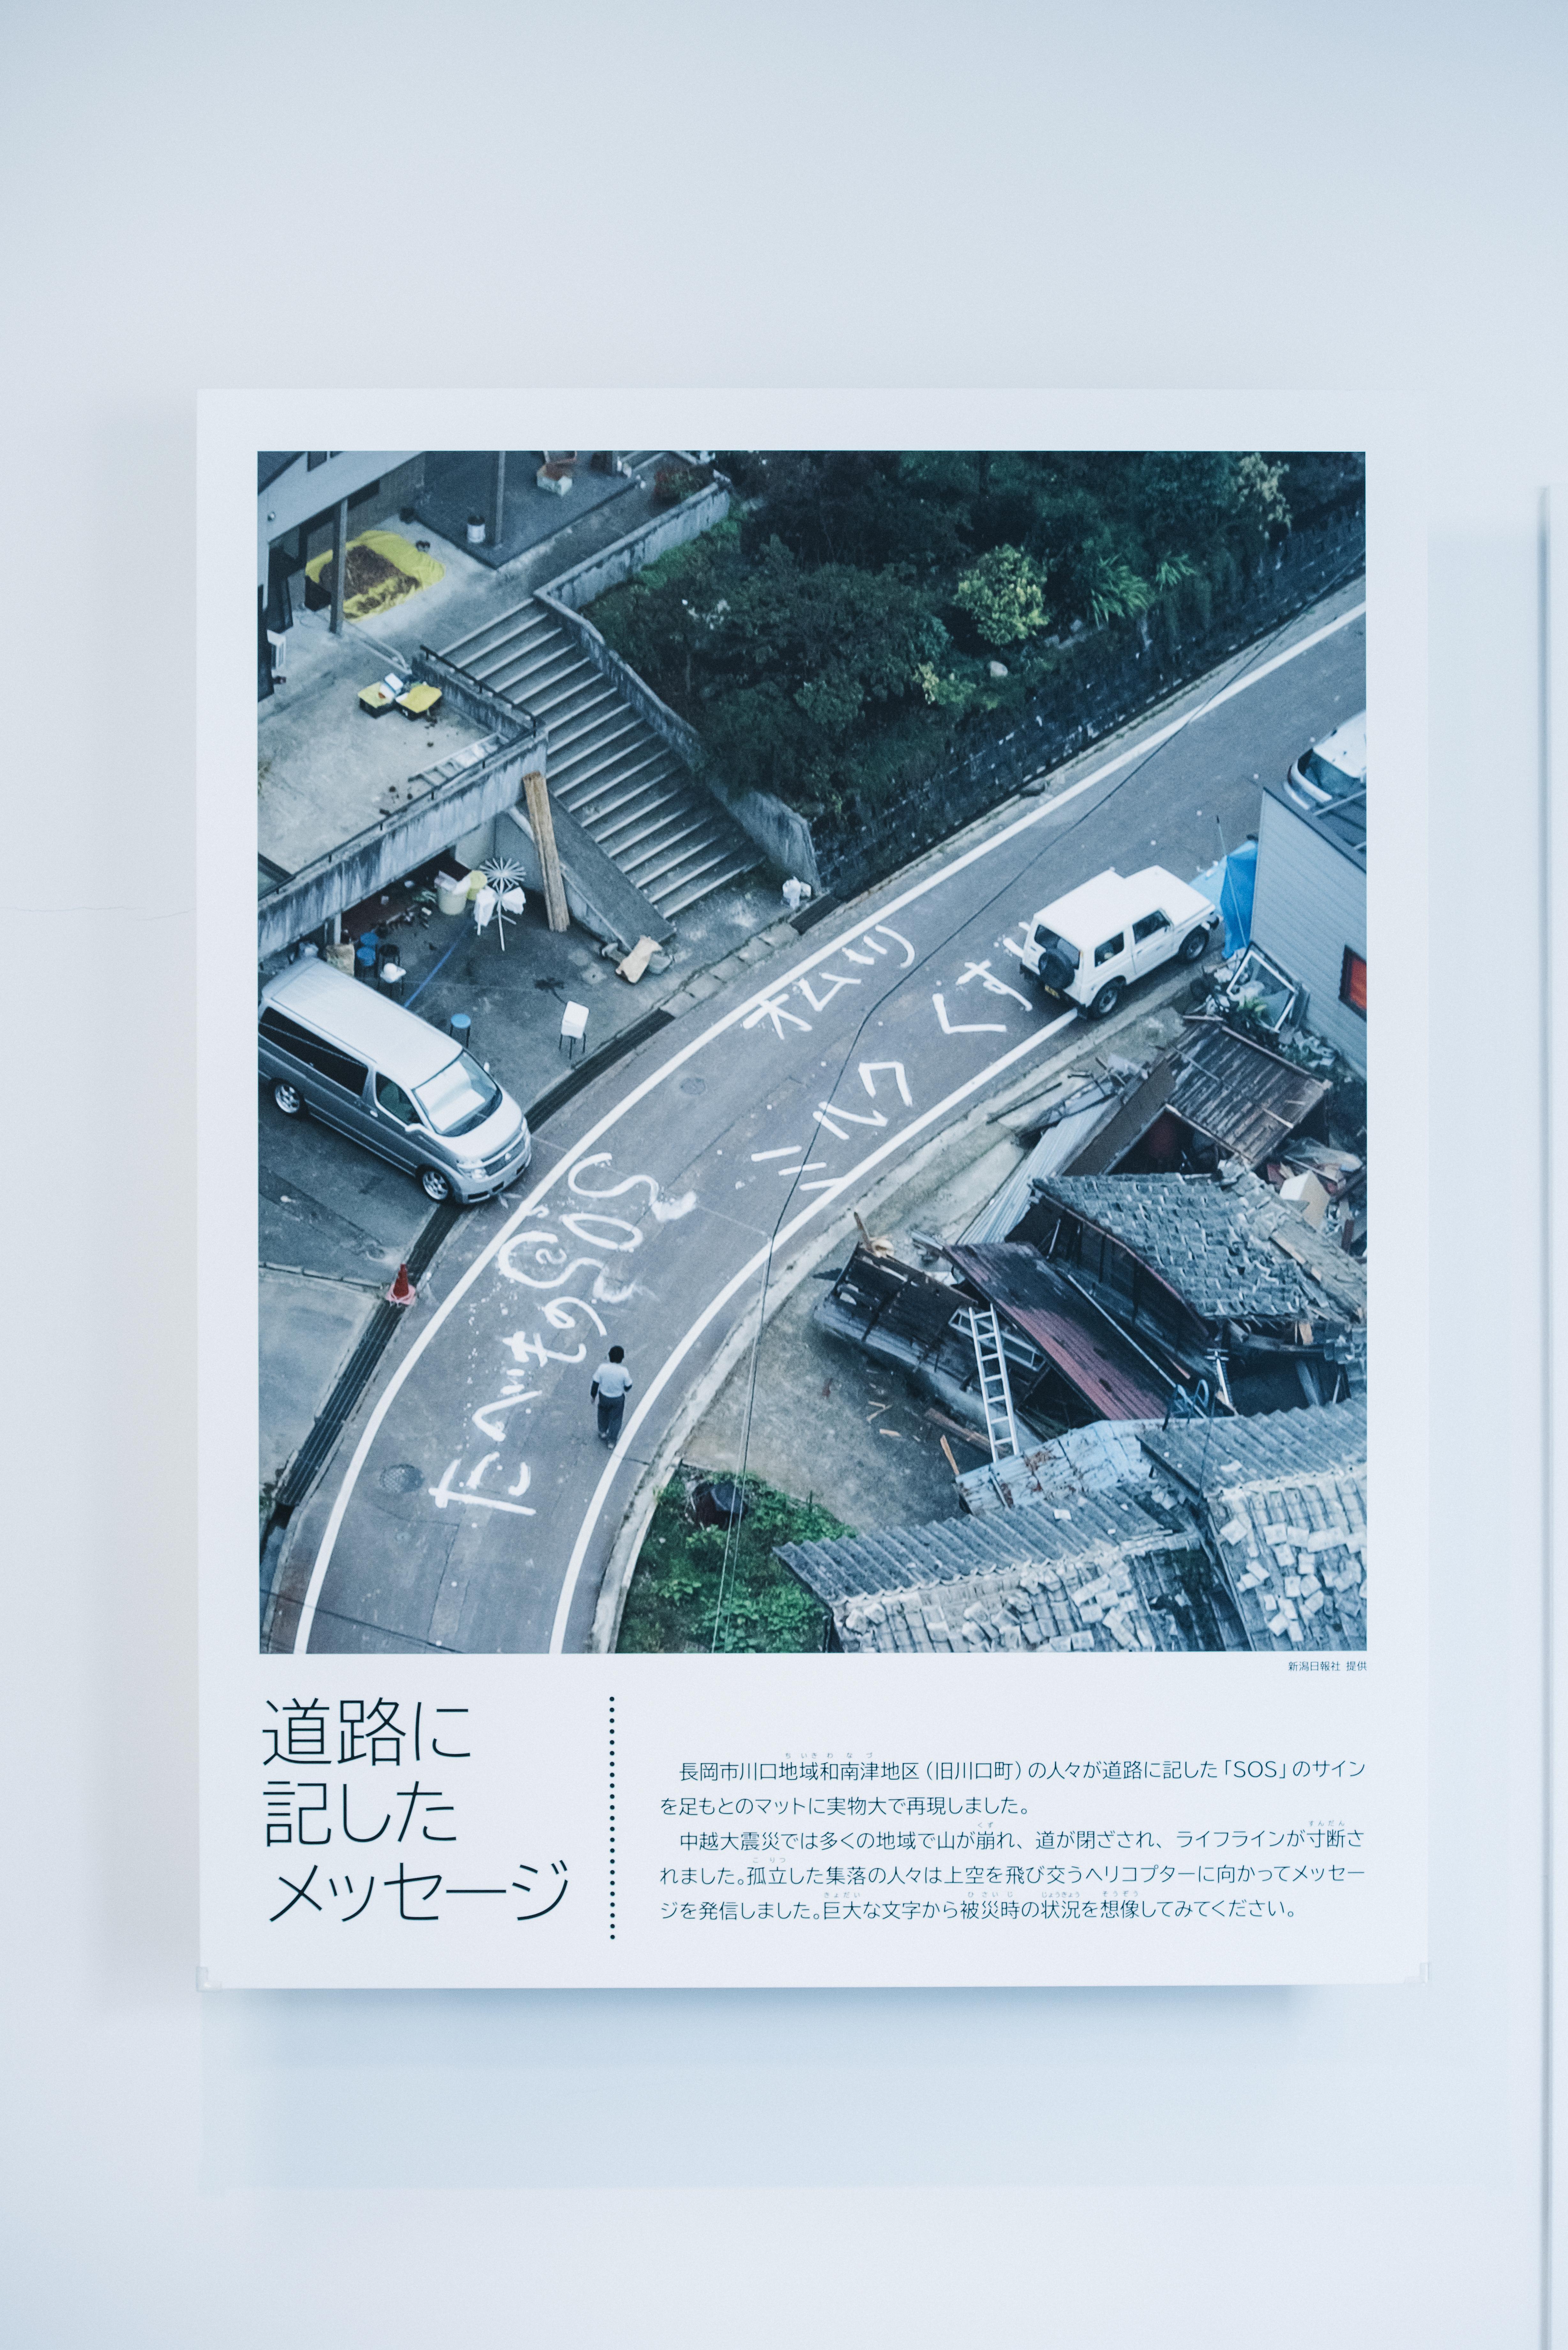 センターには、震災の記憶を風化させないために当時の様子を記録した写真が多数展示されている。